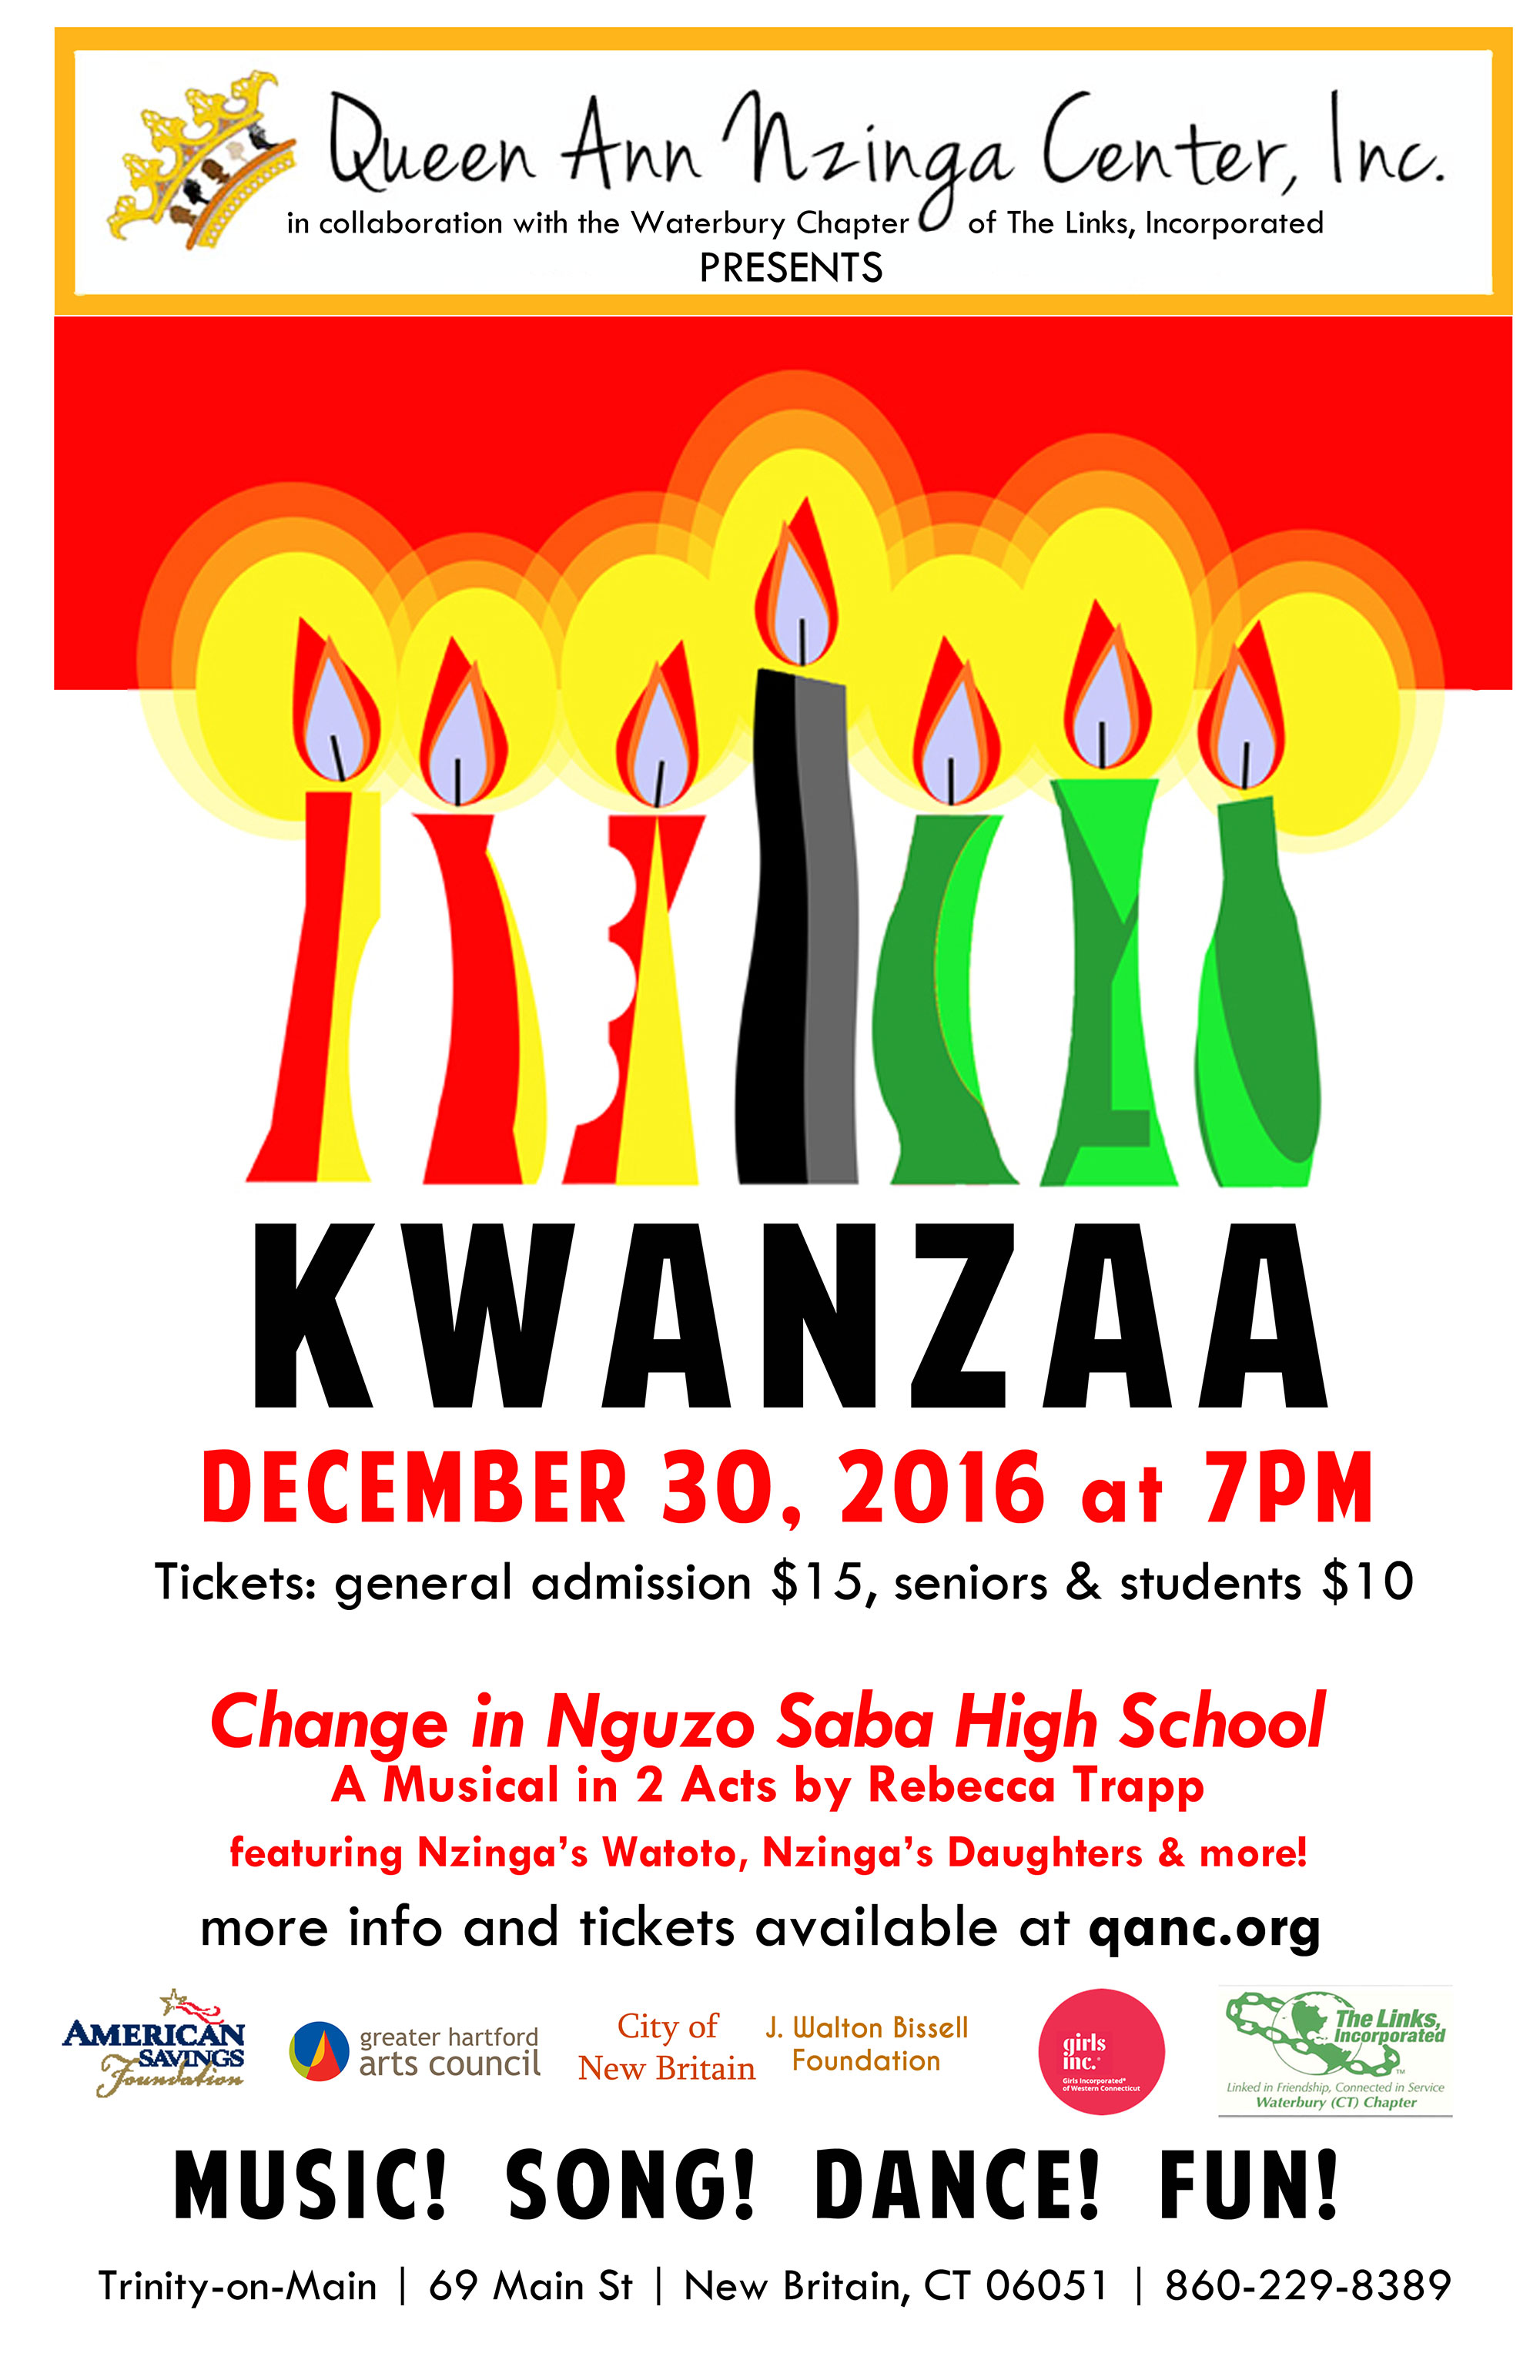 kwanzaa-poster-2016-v2.jpg